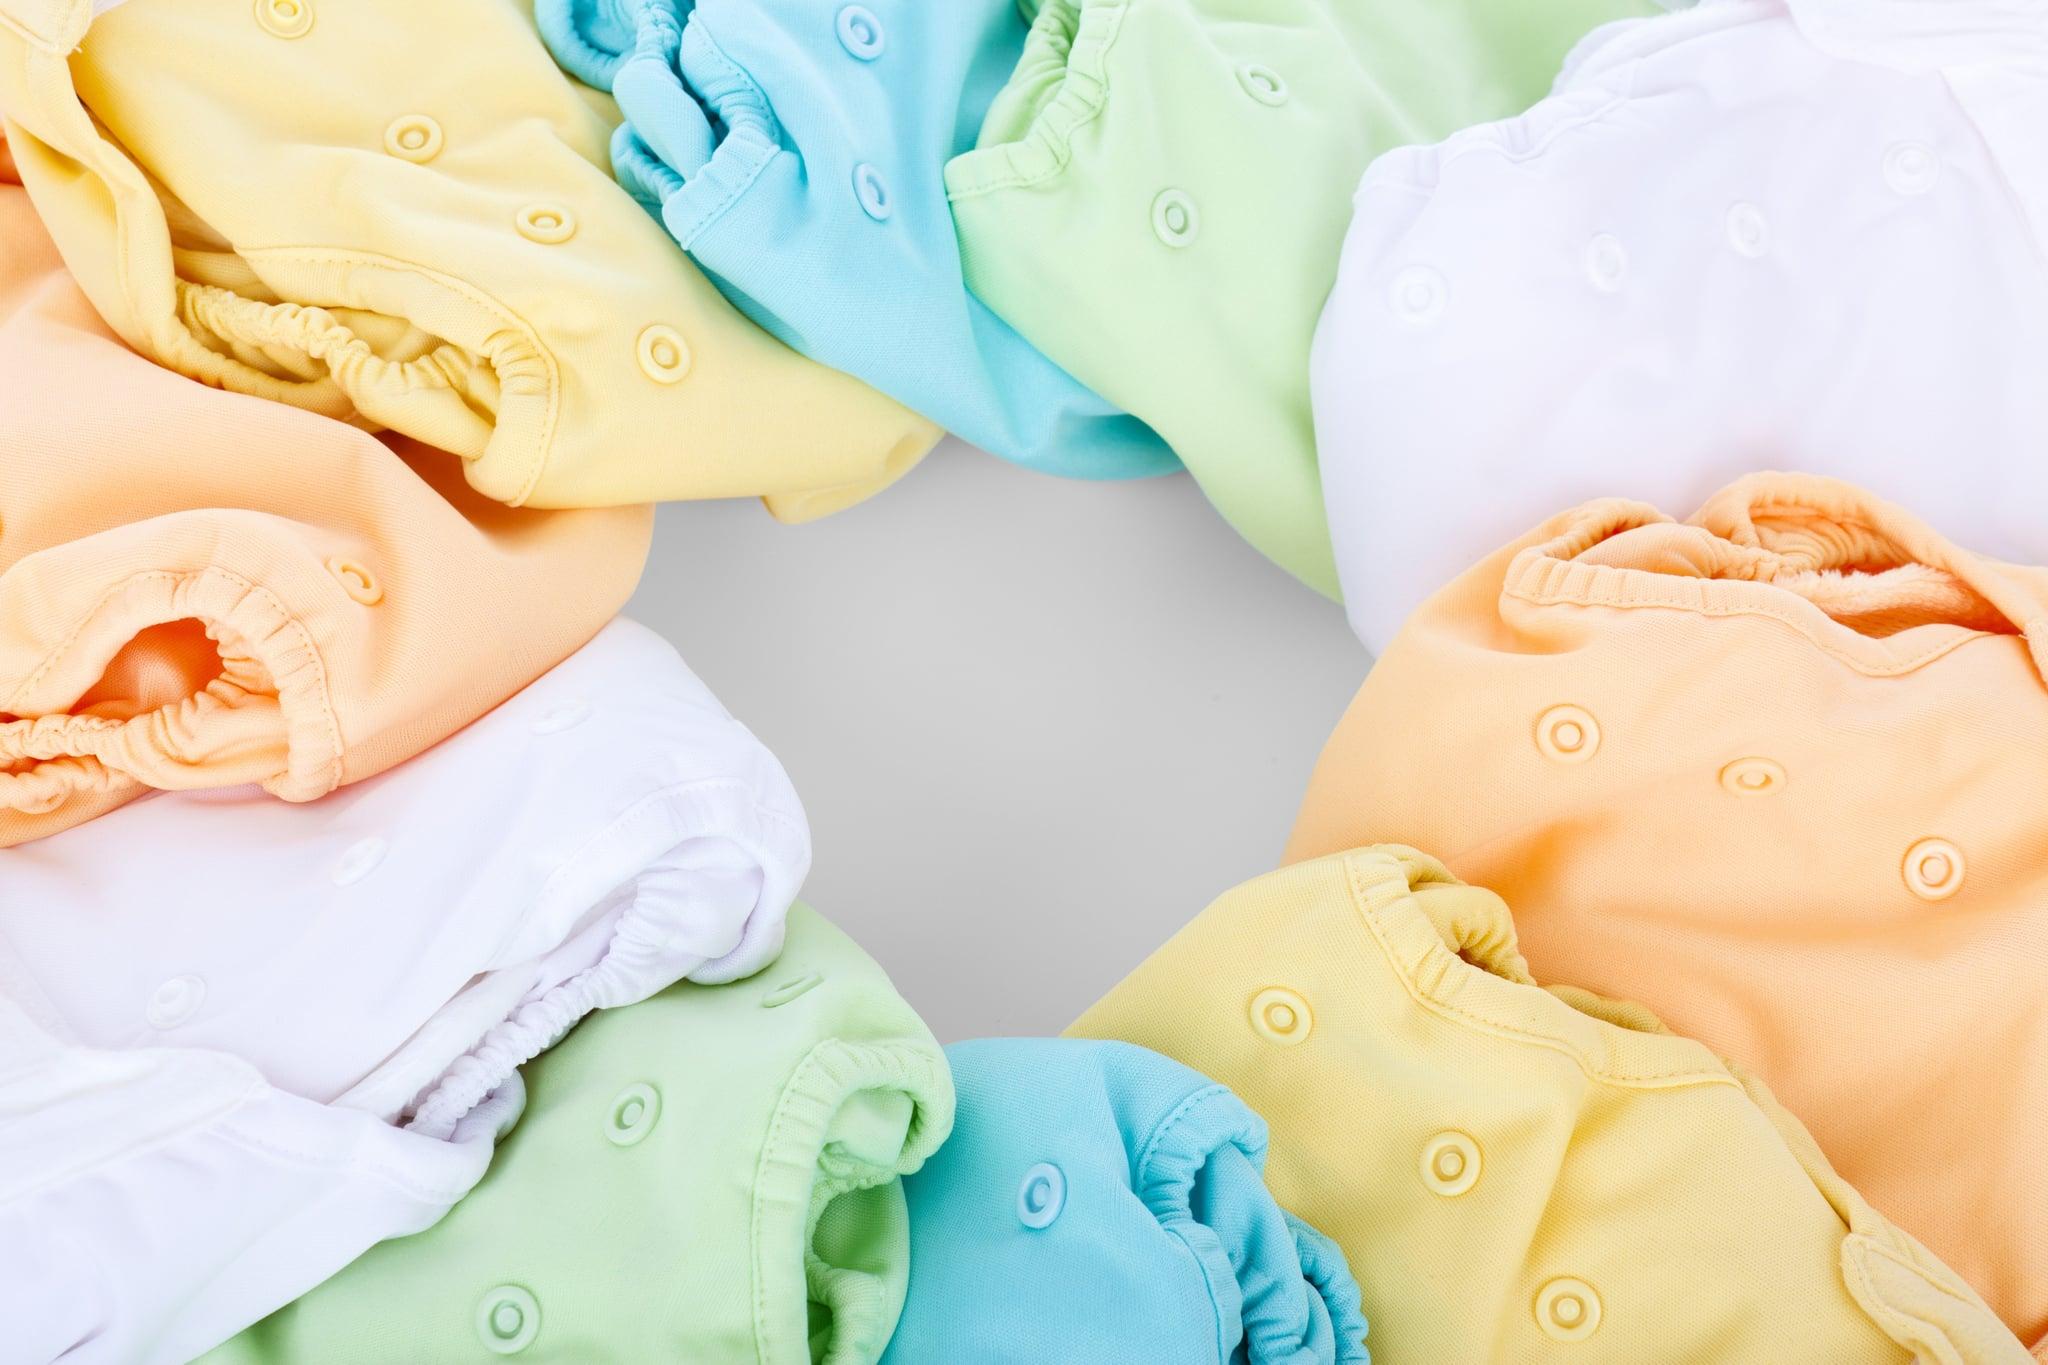 tmp_T8qWTA_8c9520935f3cb74a_clean-cloth-clothing-41165.jpg